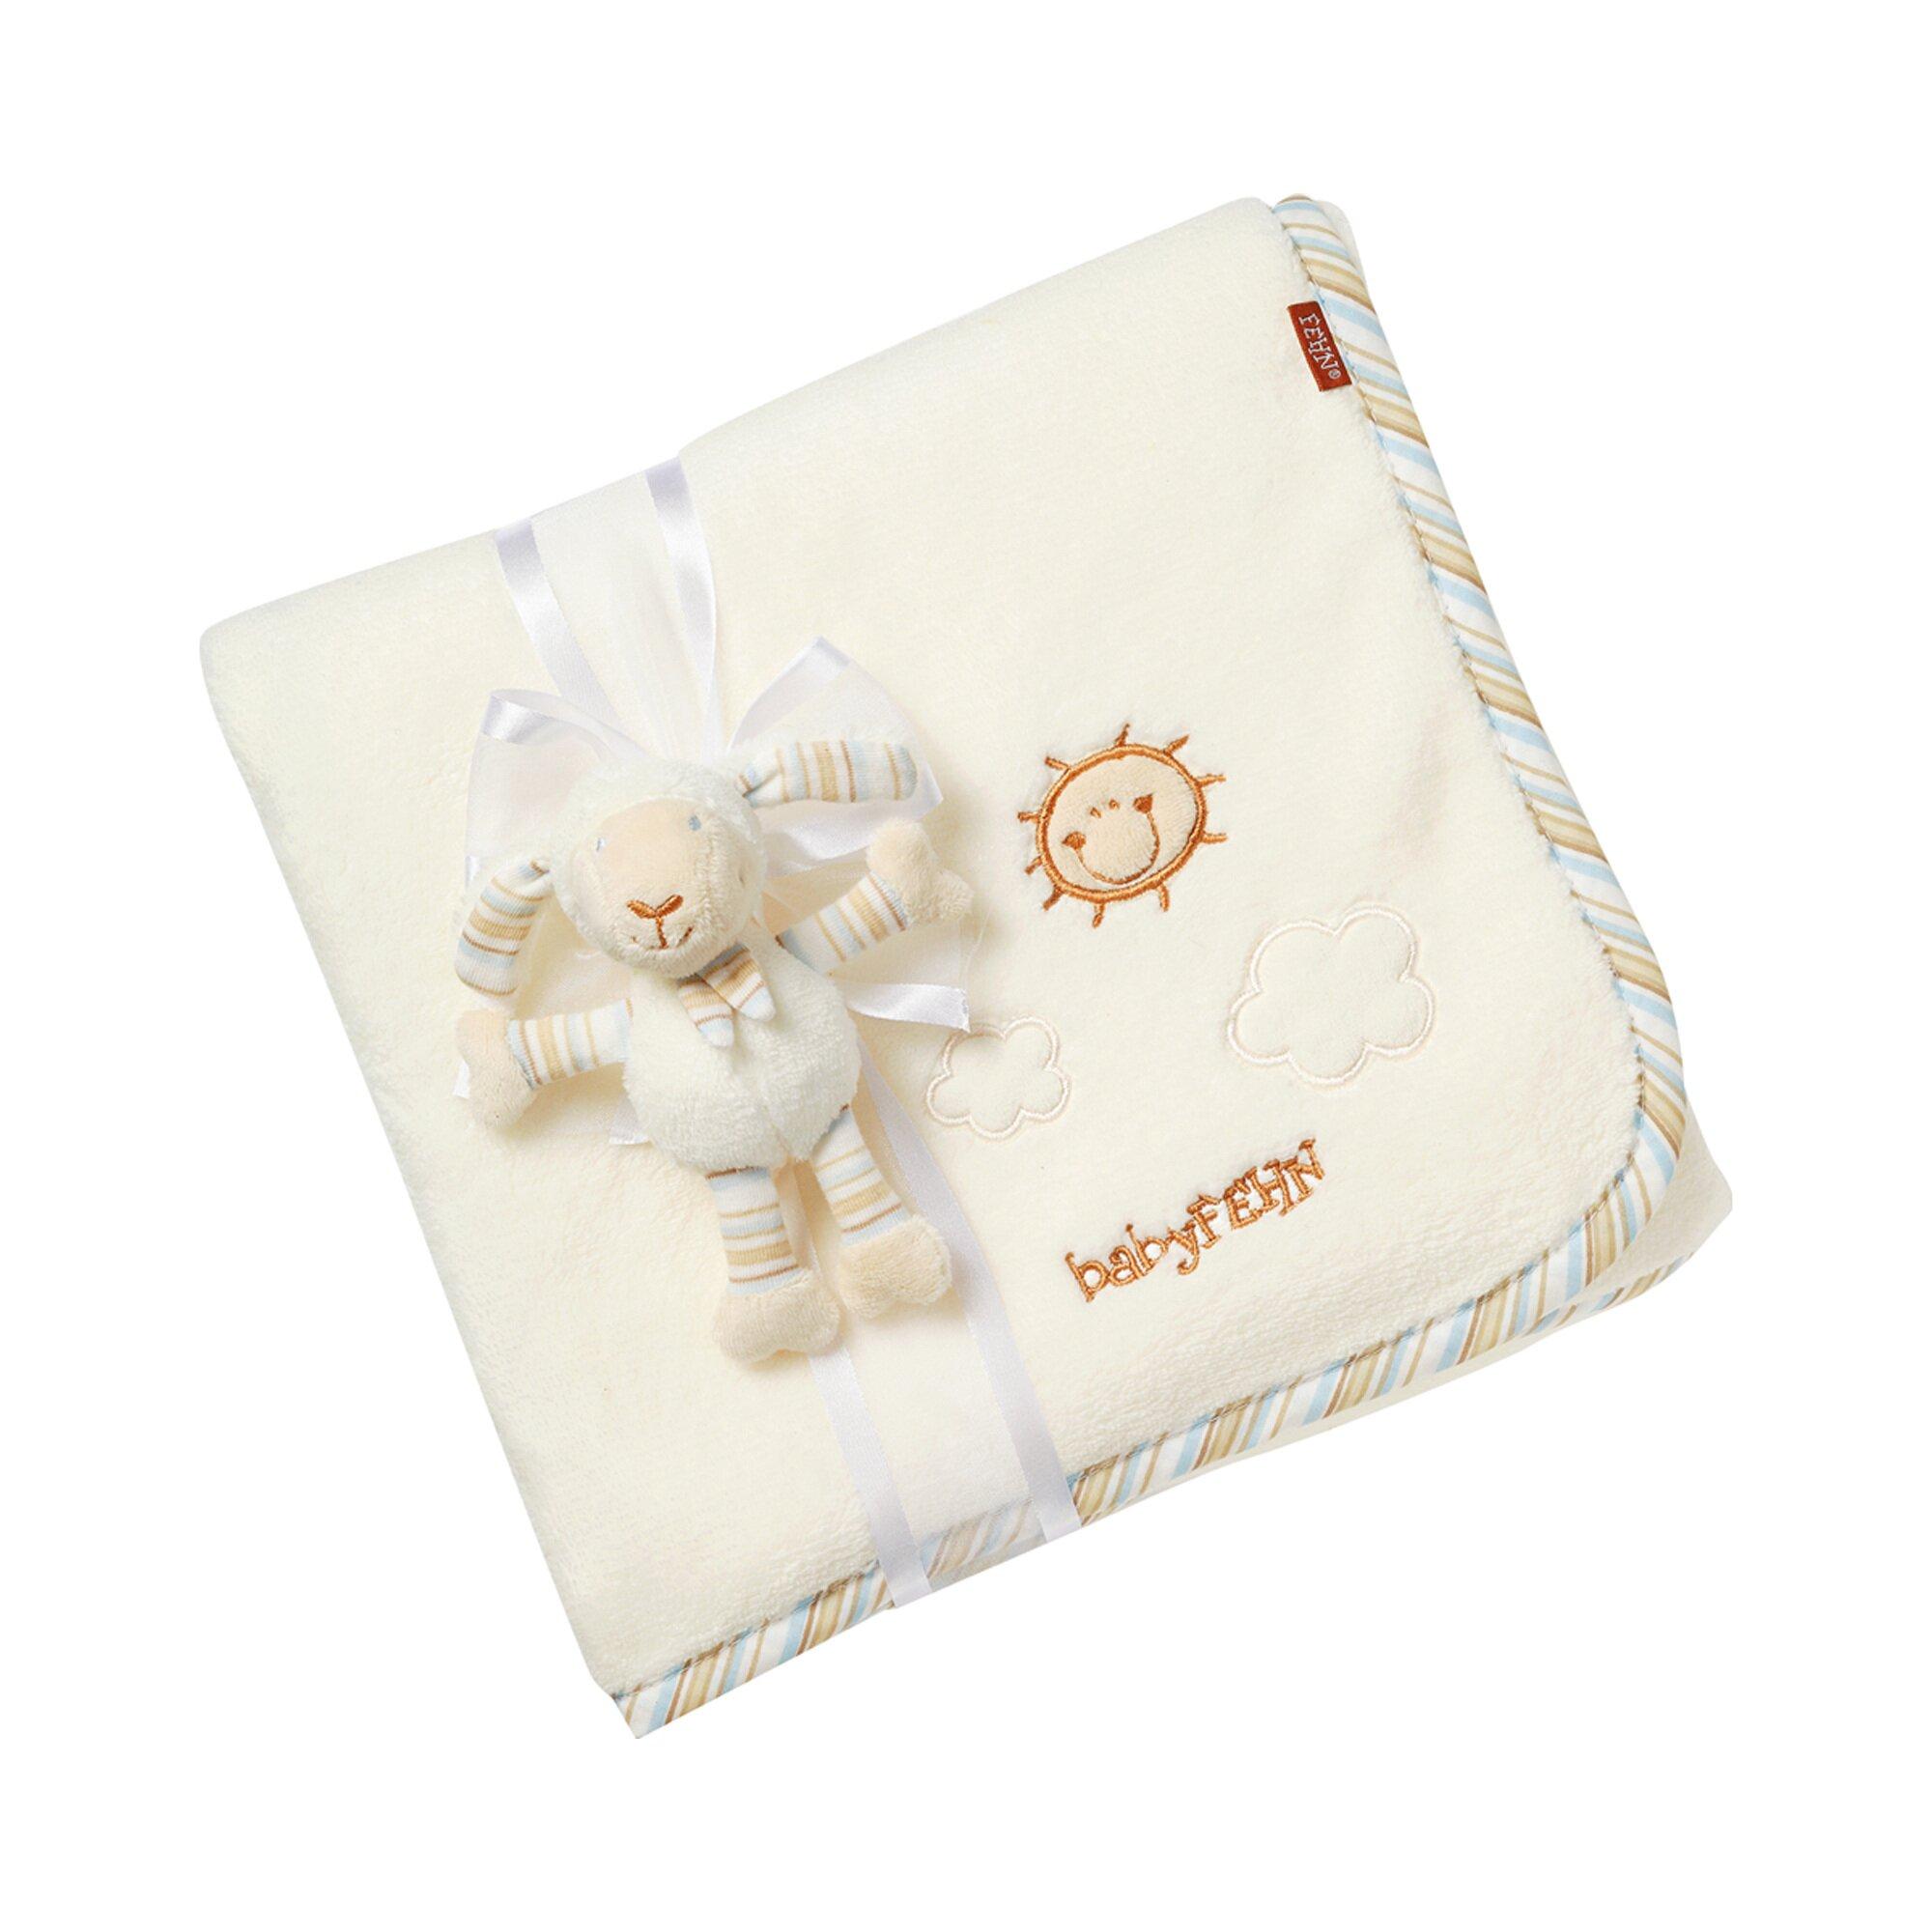 Fehn Kuscheldecke Schaf Baby Love 100 x 75 cm beige